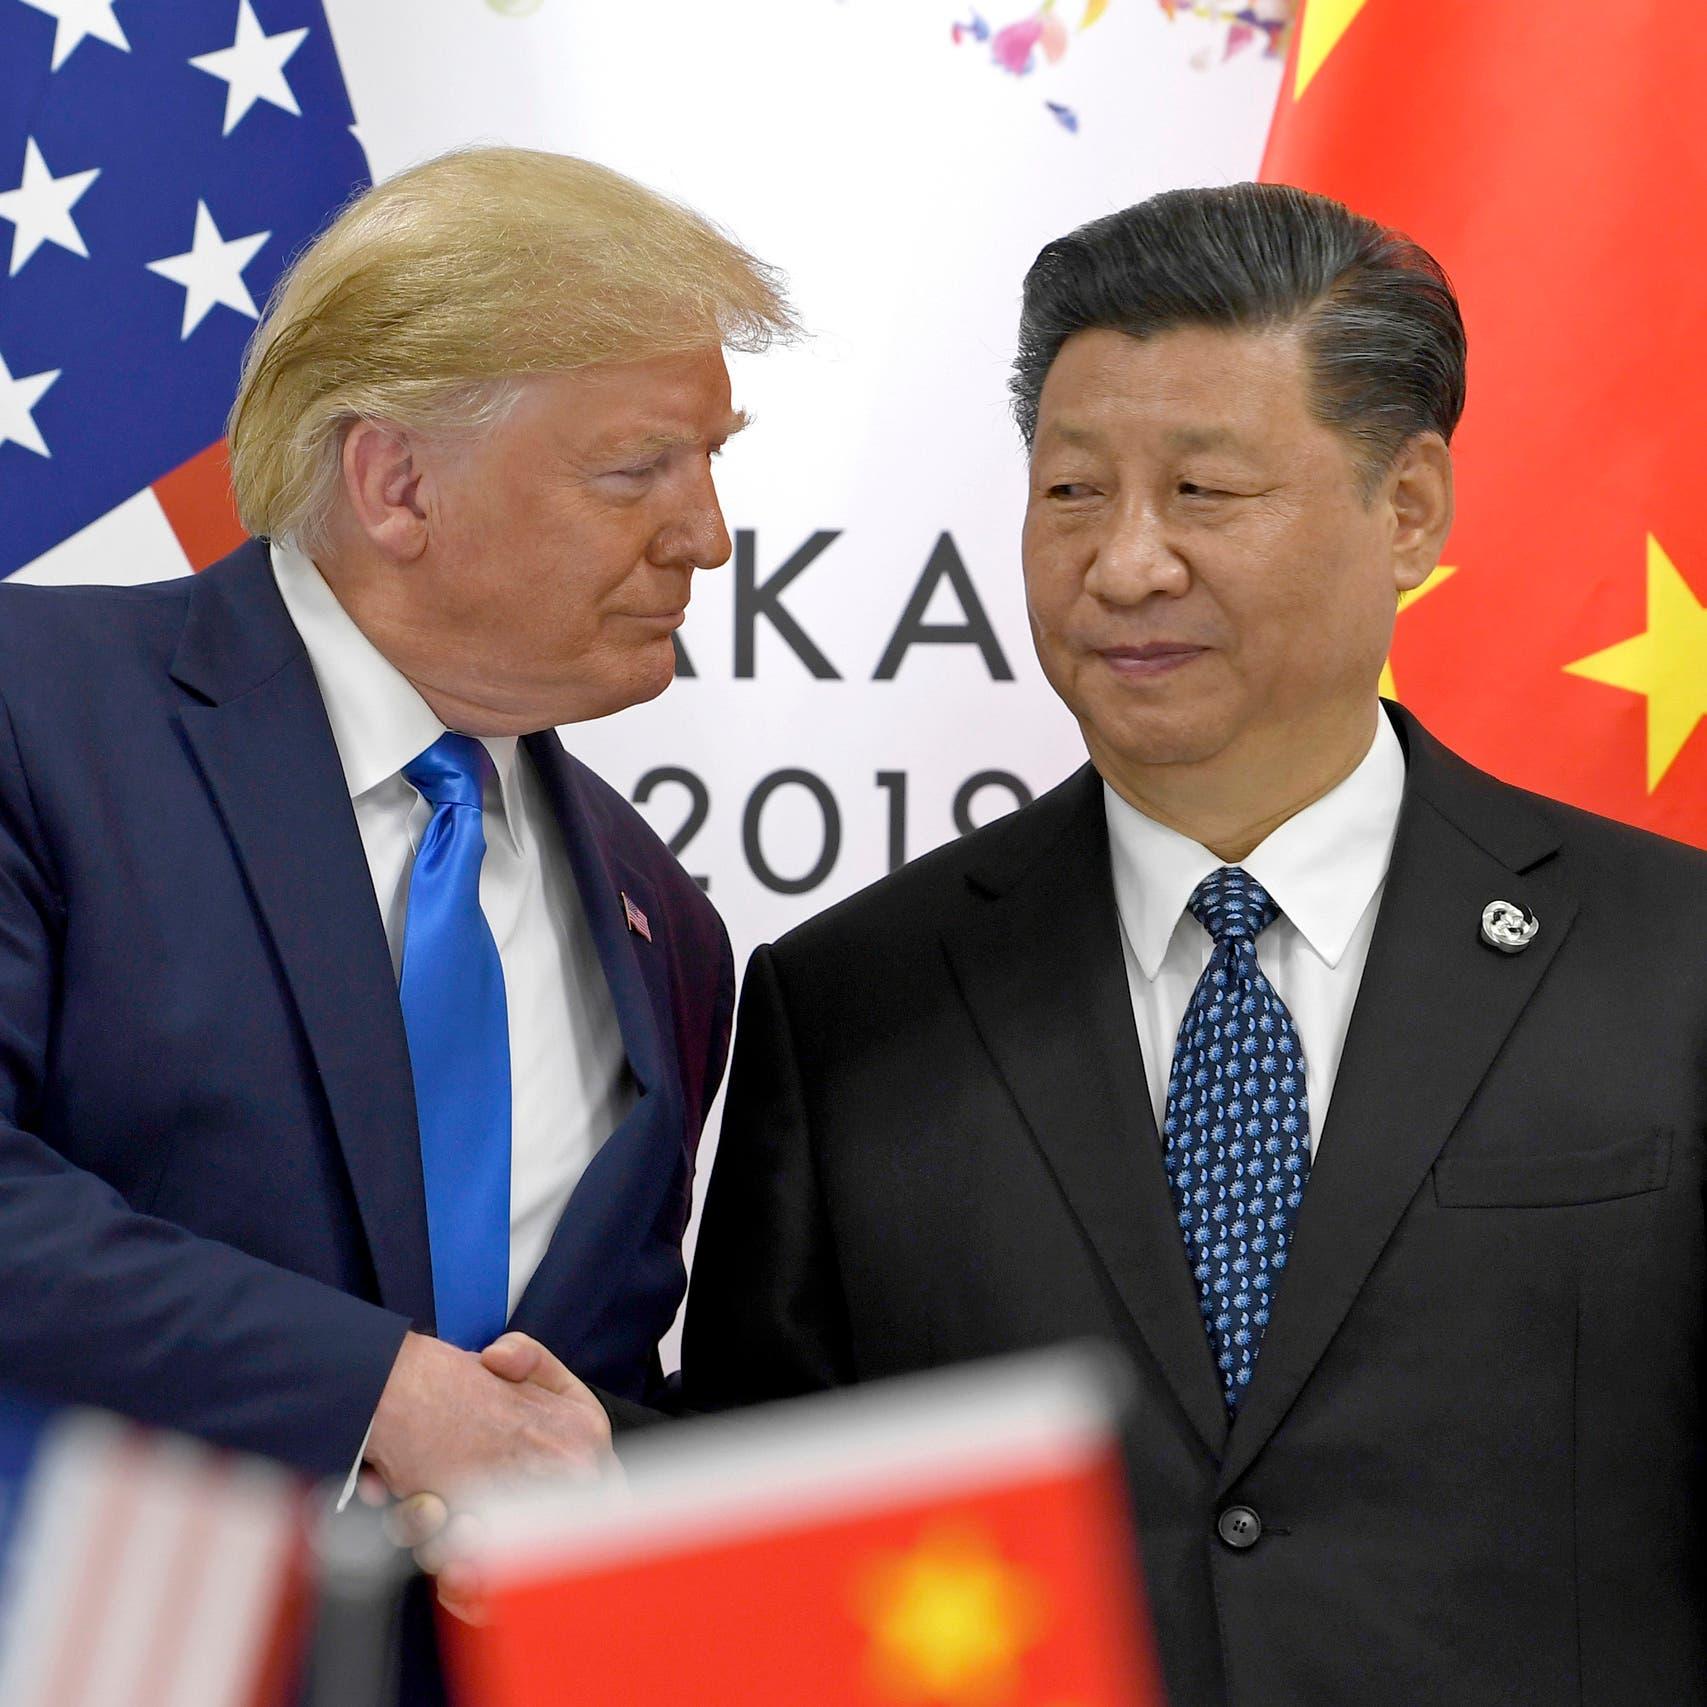 الصين تغير مزاج الأسواق العالمية بسعيها للتهدئة مع أميركا